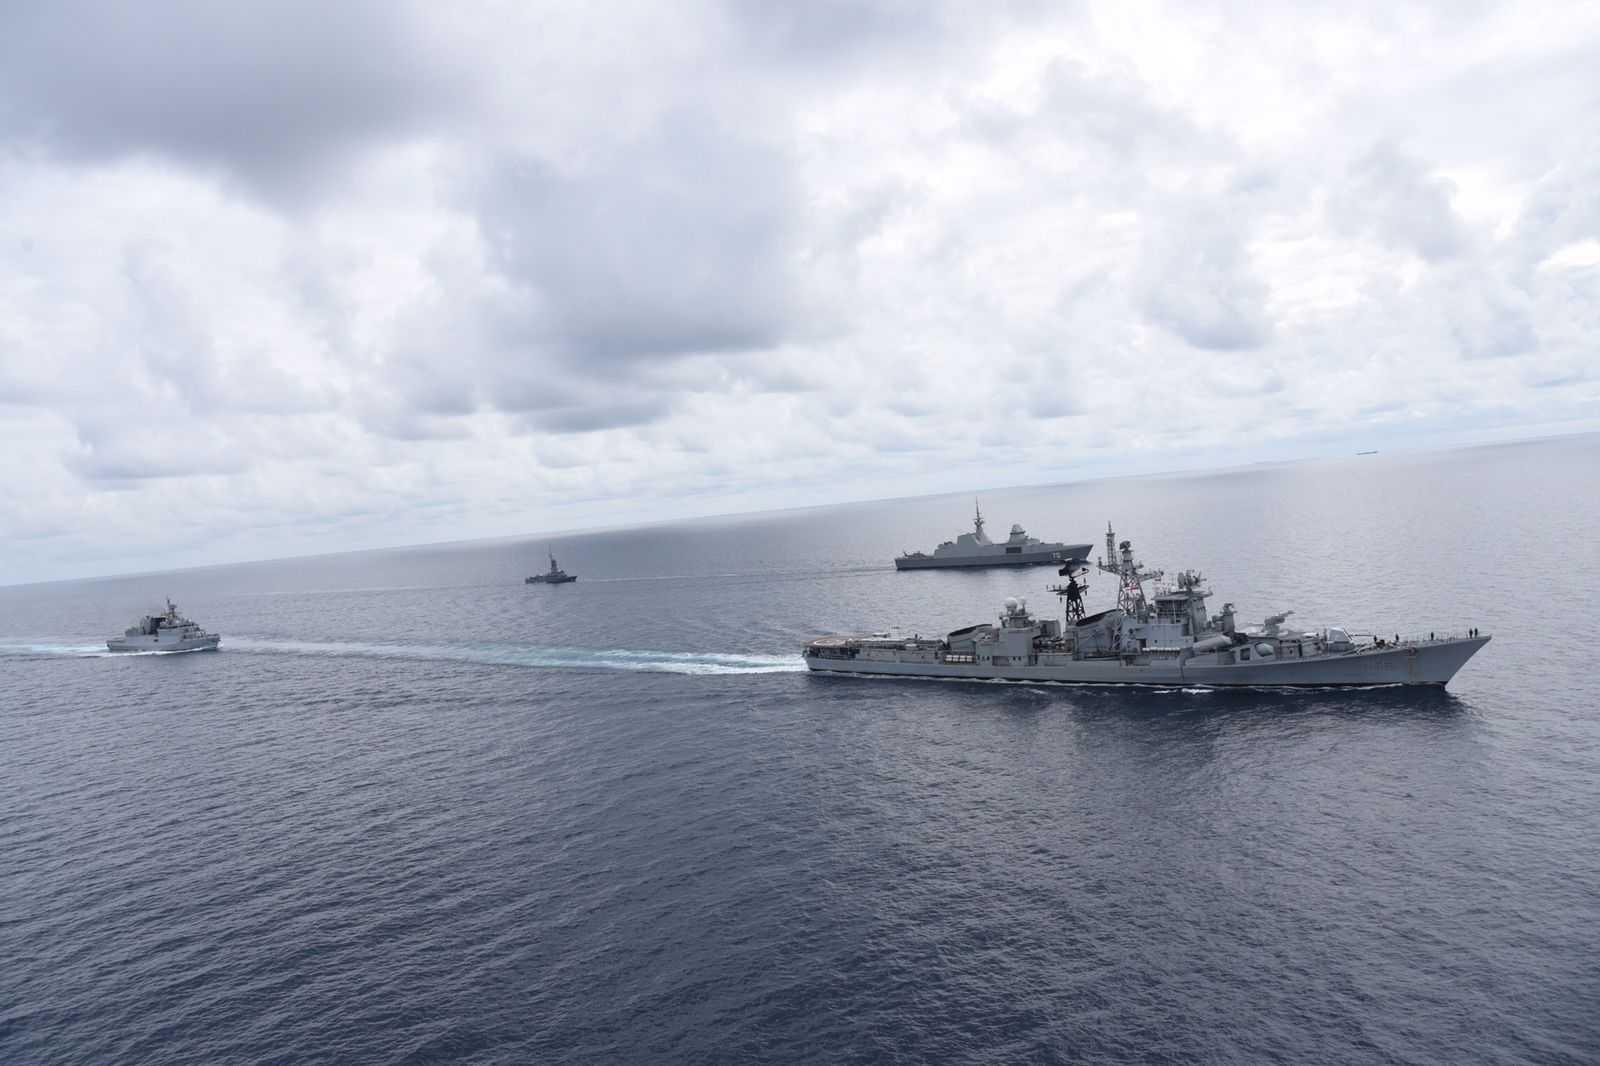 भारत-सिंगापूर यांच्यातील द्विपक्षीय संयुक्त सागरी युद्धाभ्यास 'सिंबेक्स'चे 28 वे सत्र संपन्न